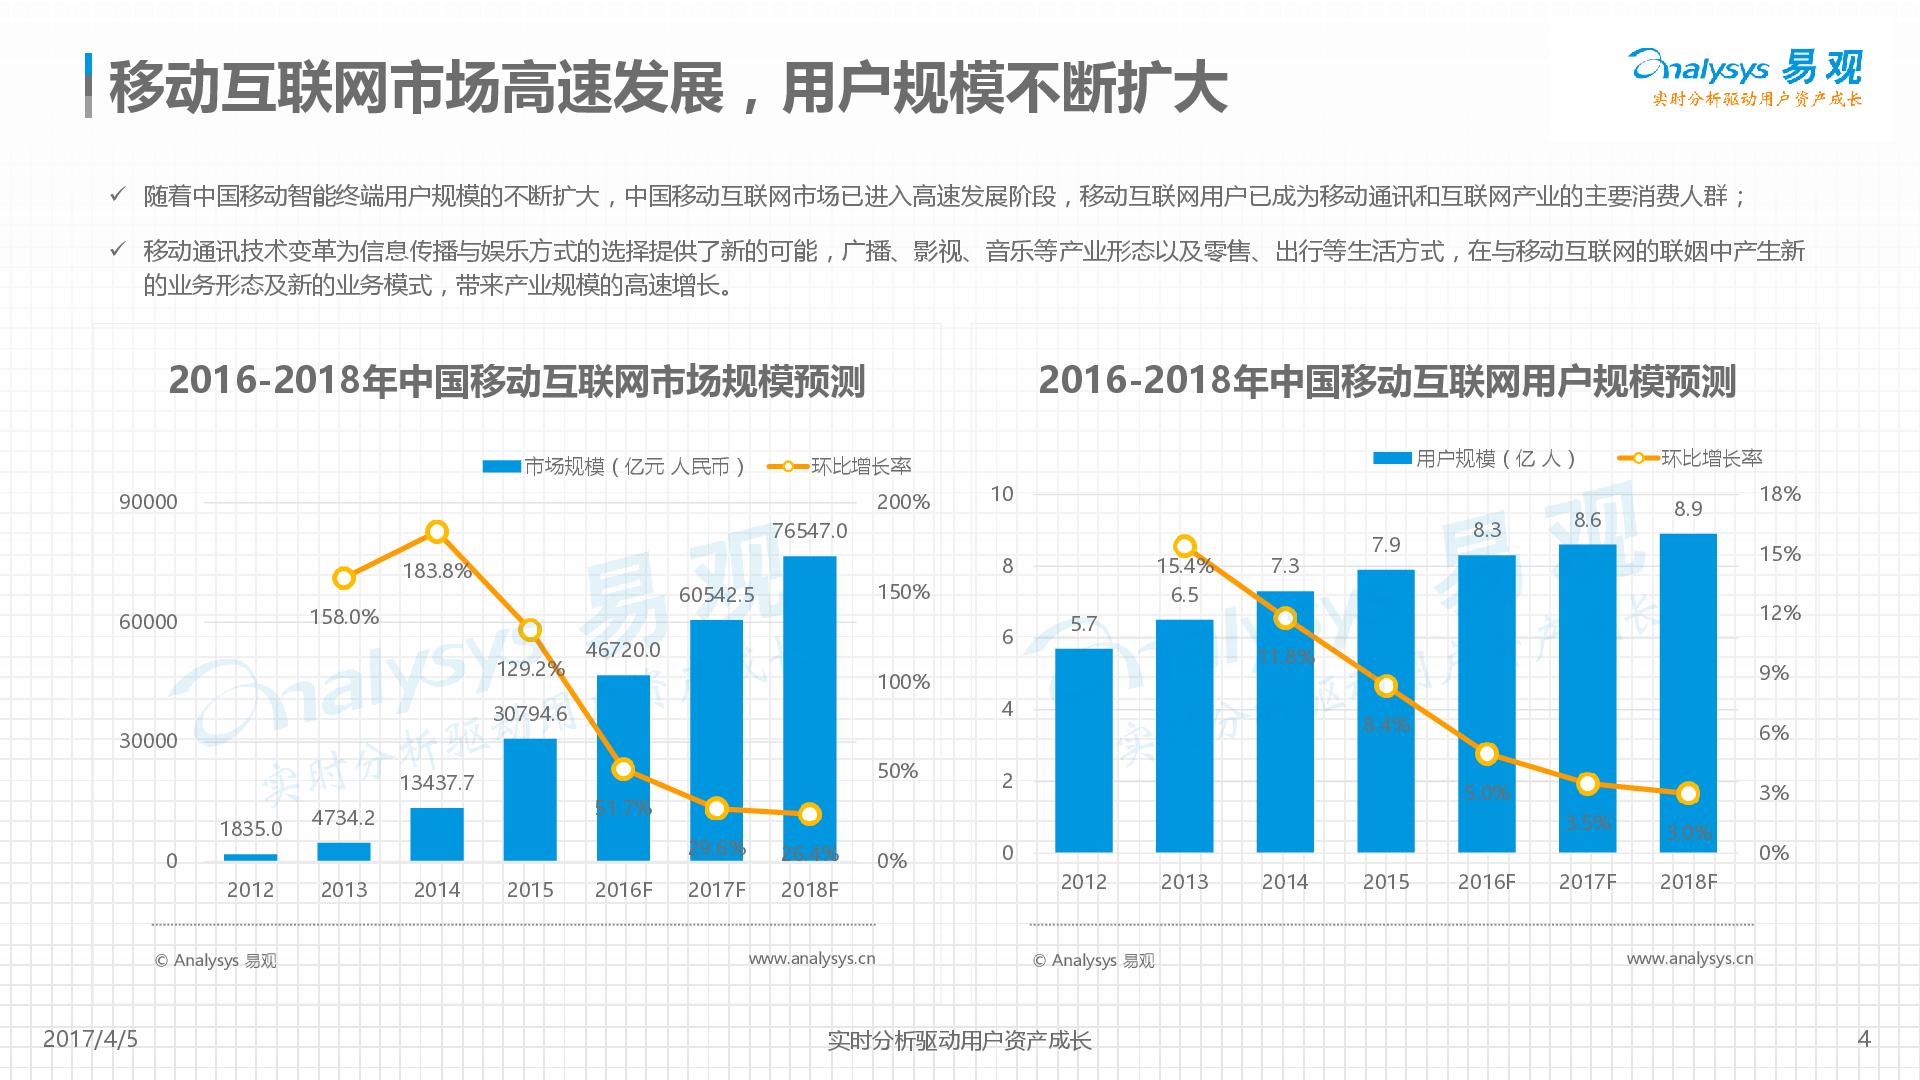 2017中国移动直播行业年度综合分析-09大数据